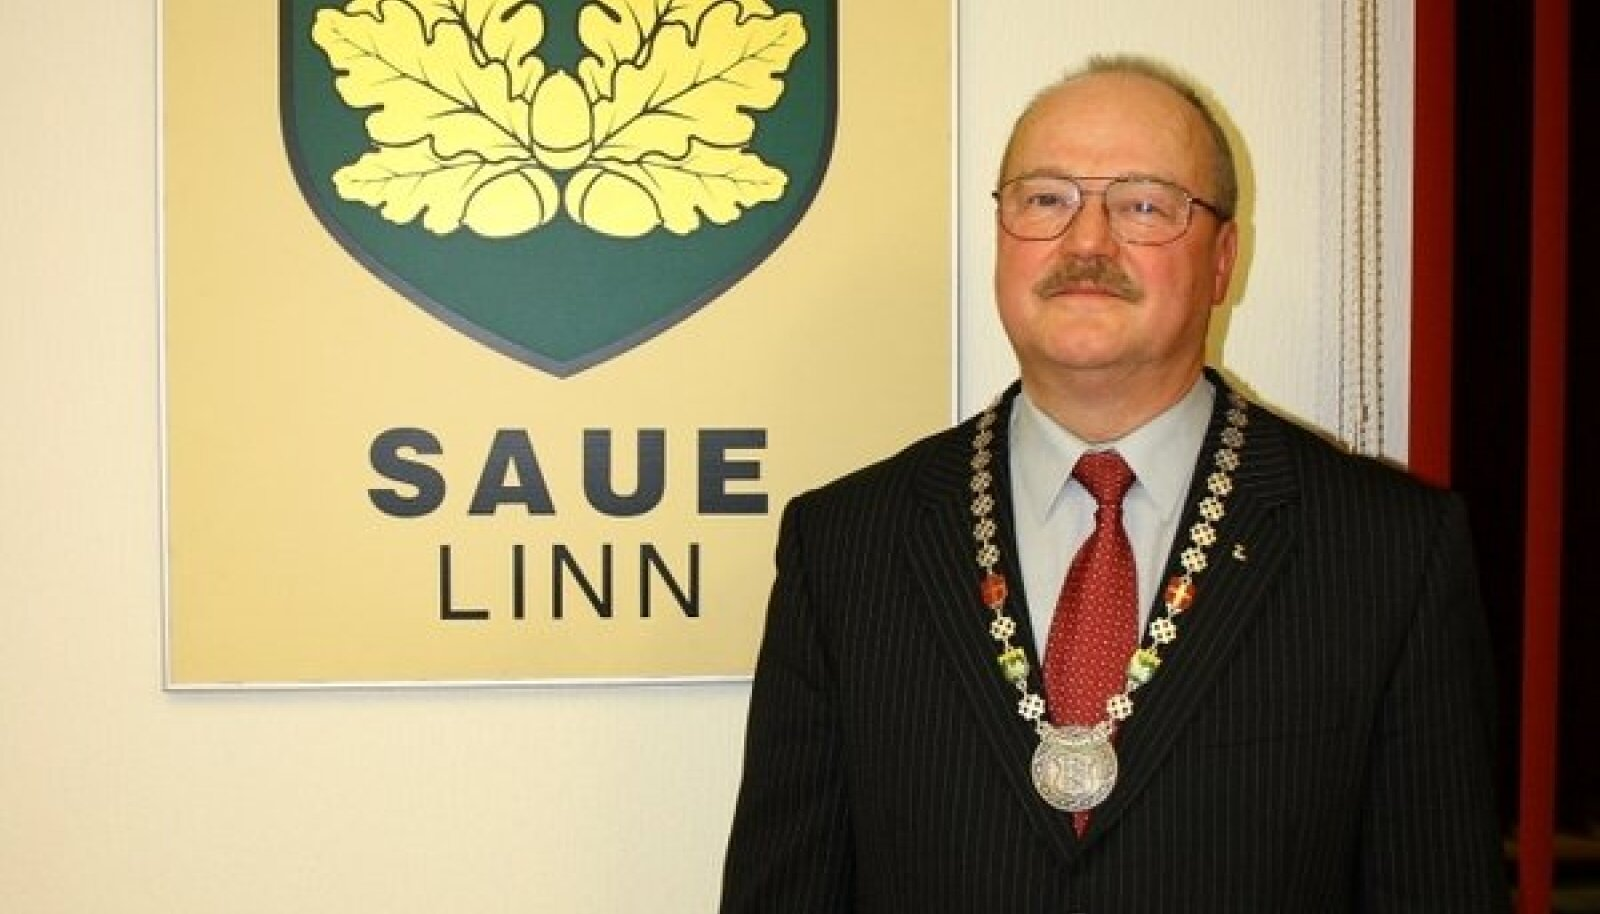 FOTO: Saue linnavalitsus